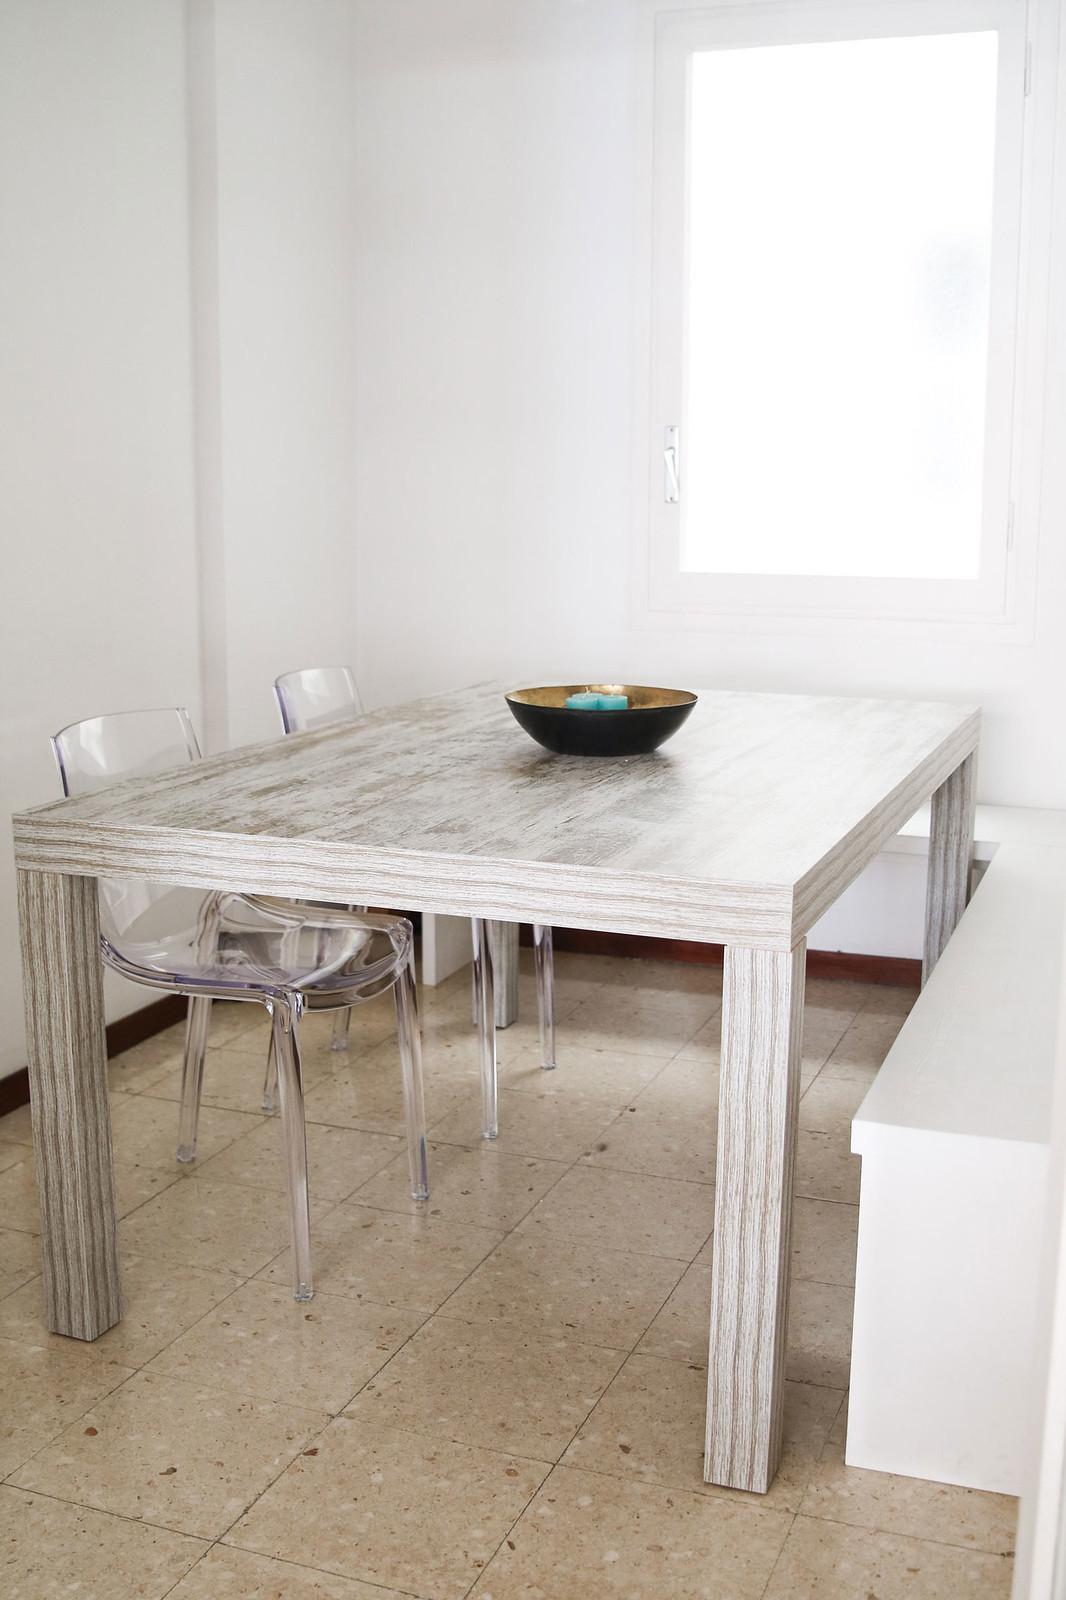 01_decowood_mesa_a_medida_en_barcelona_theguestgirl_decoracion_casa_minimal_decoracion_nordica_calidad